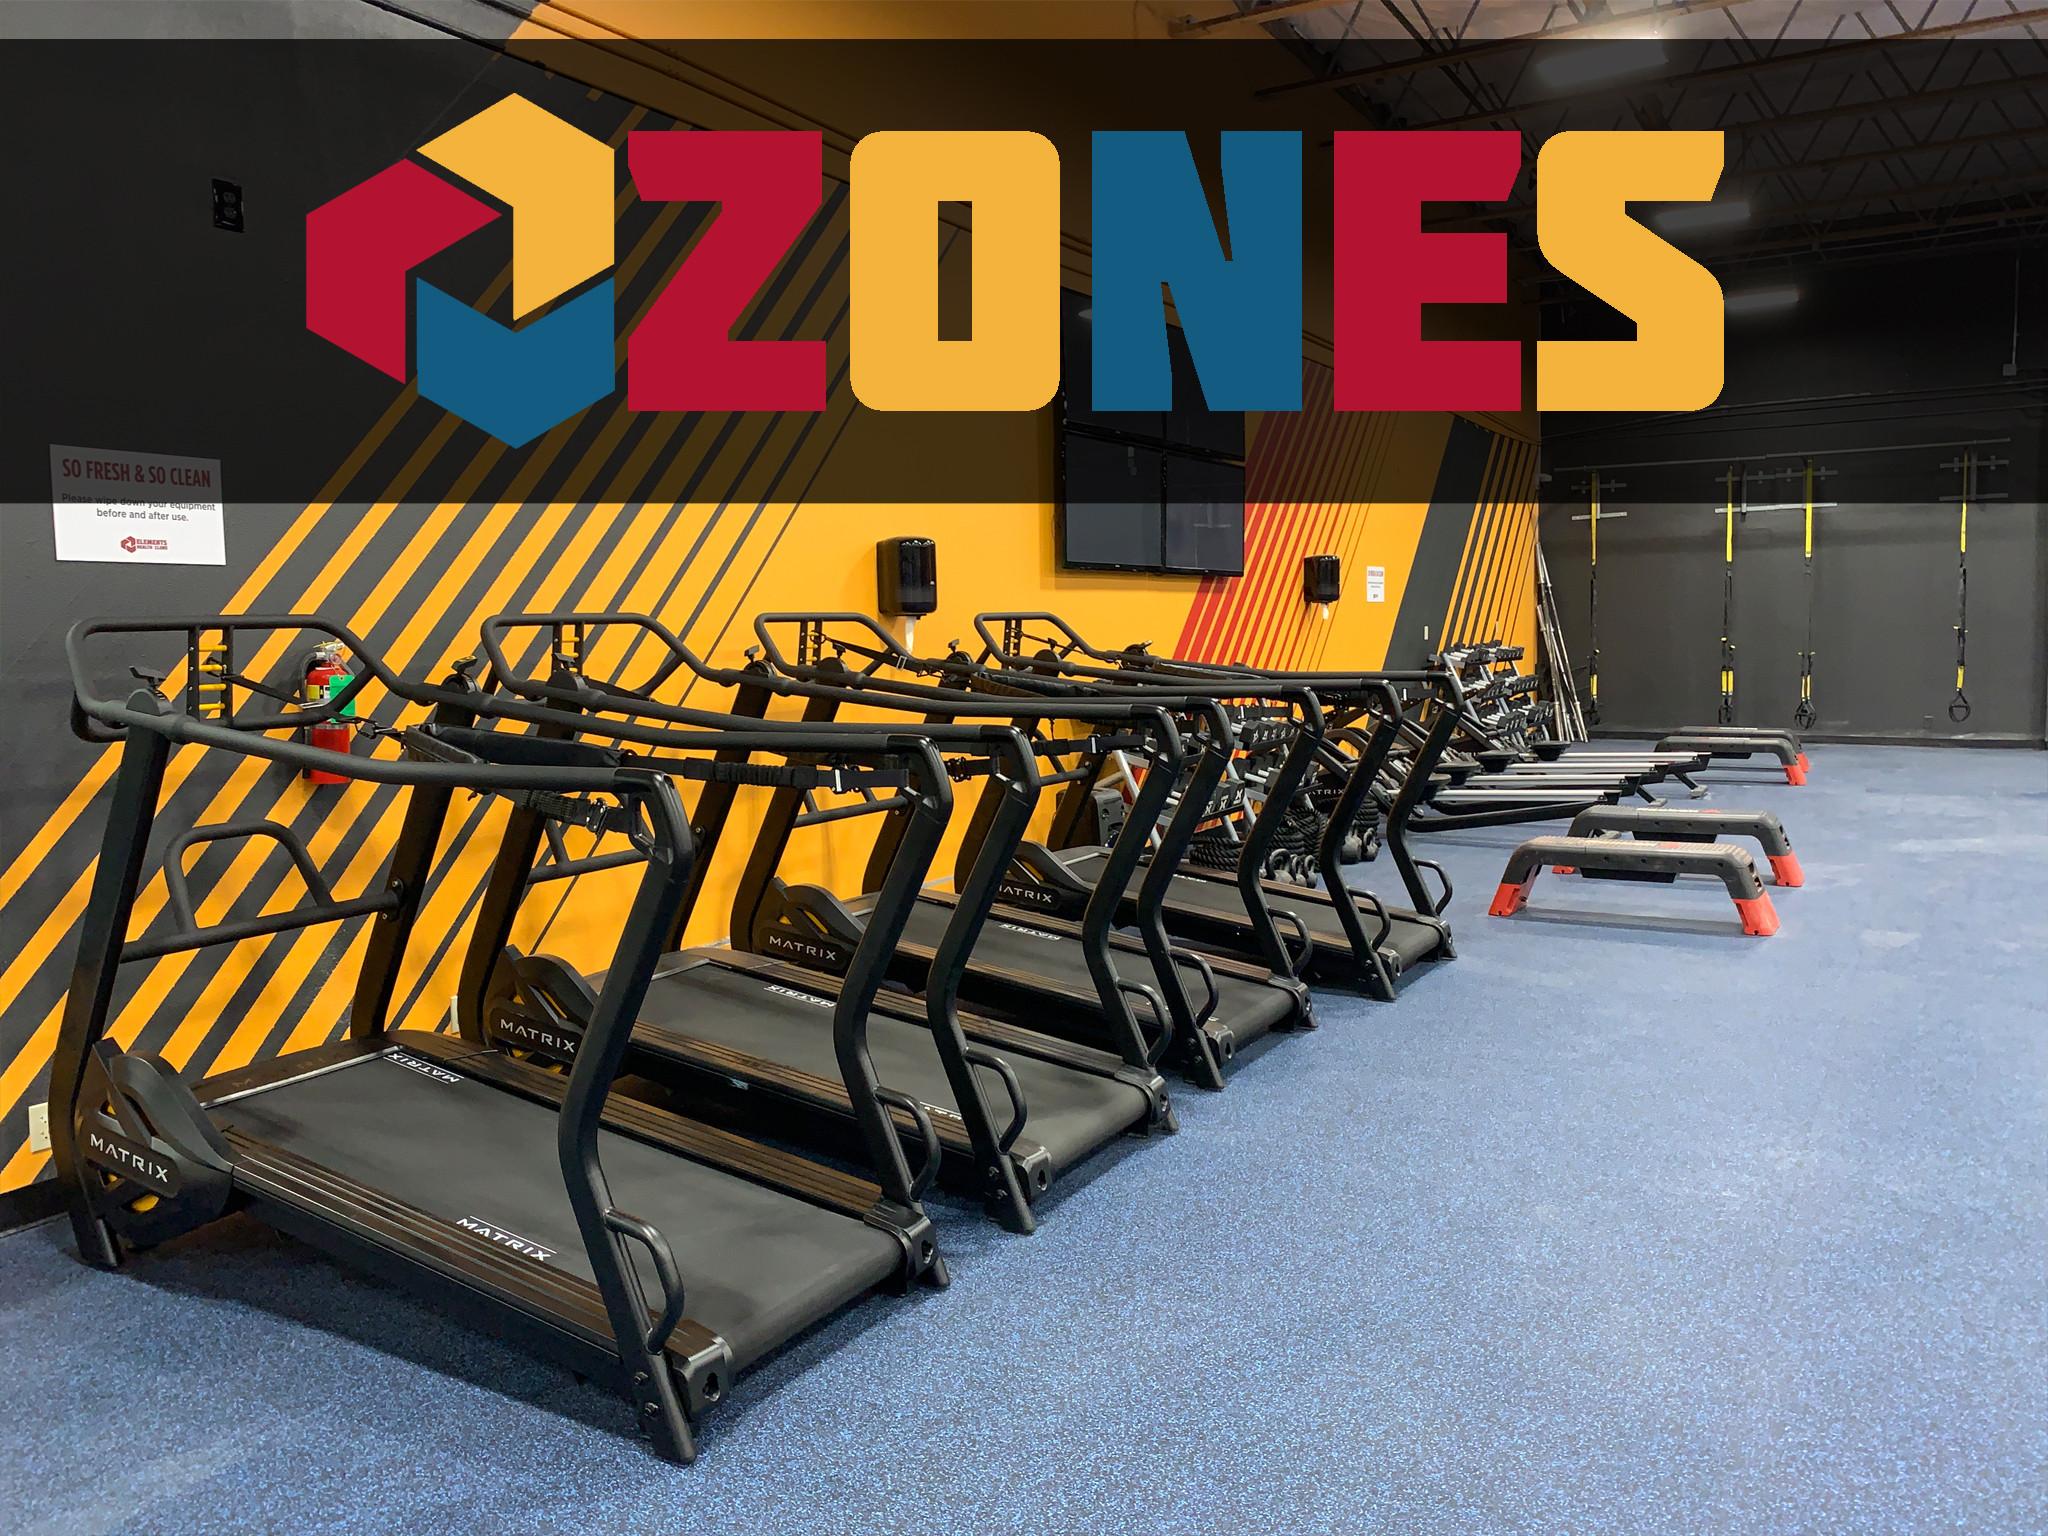 E-Zones